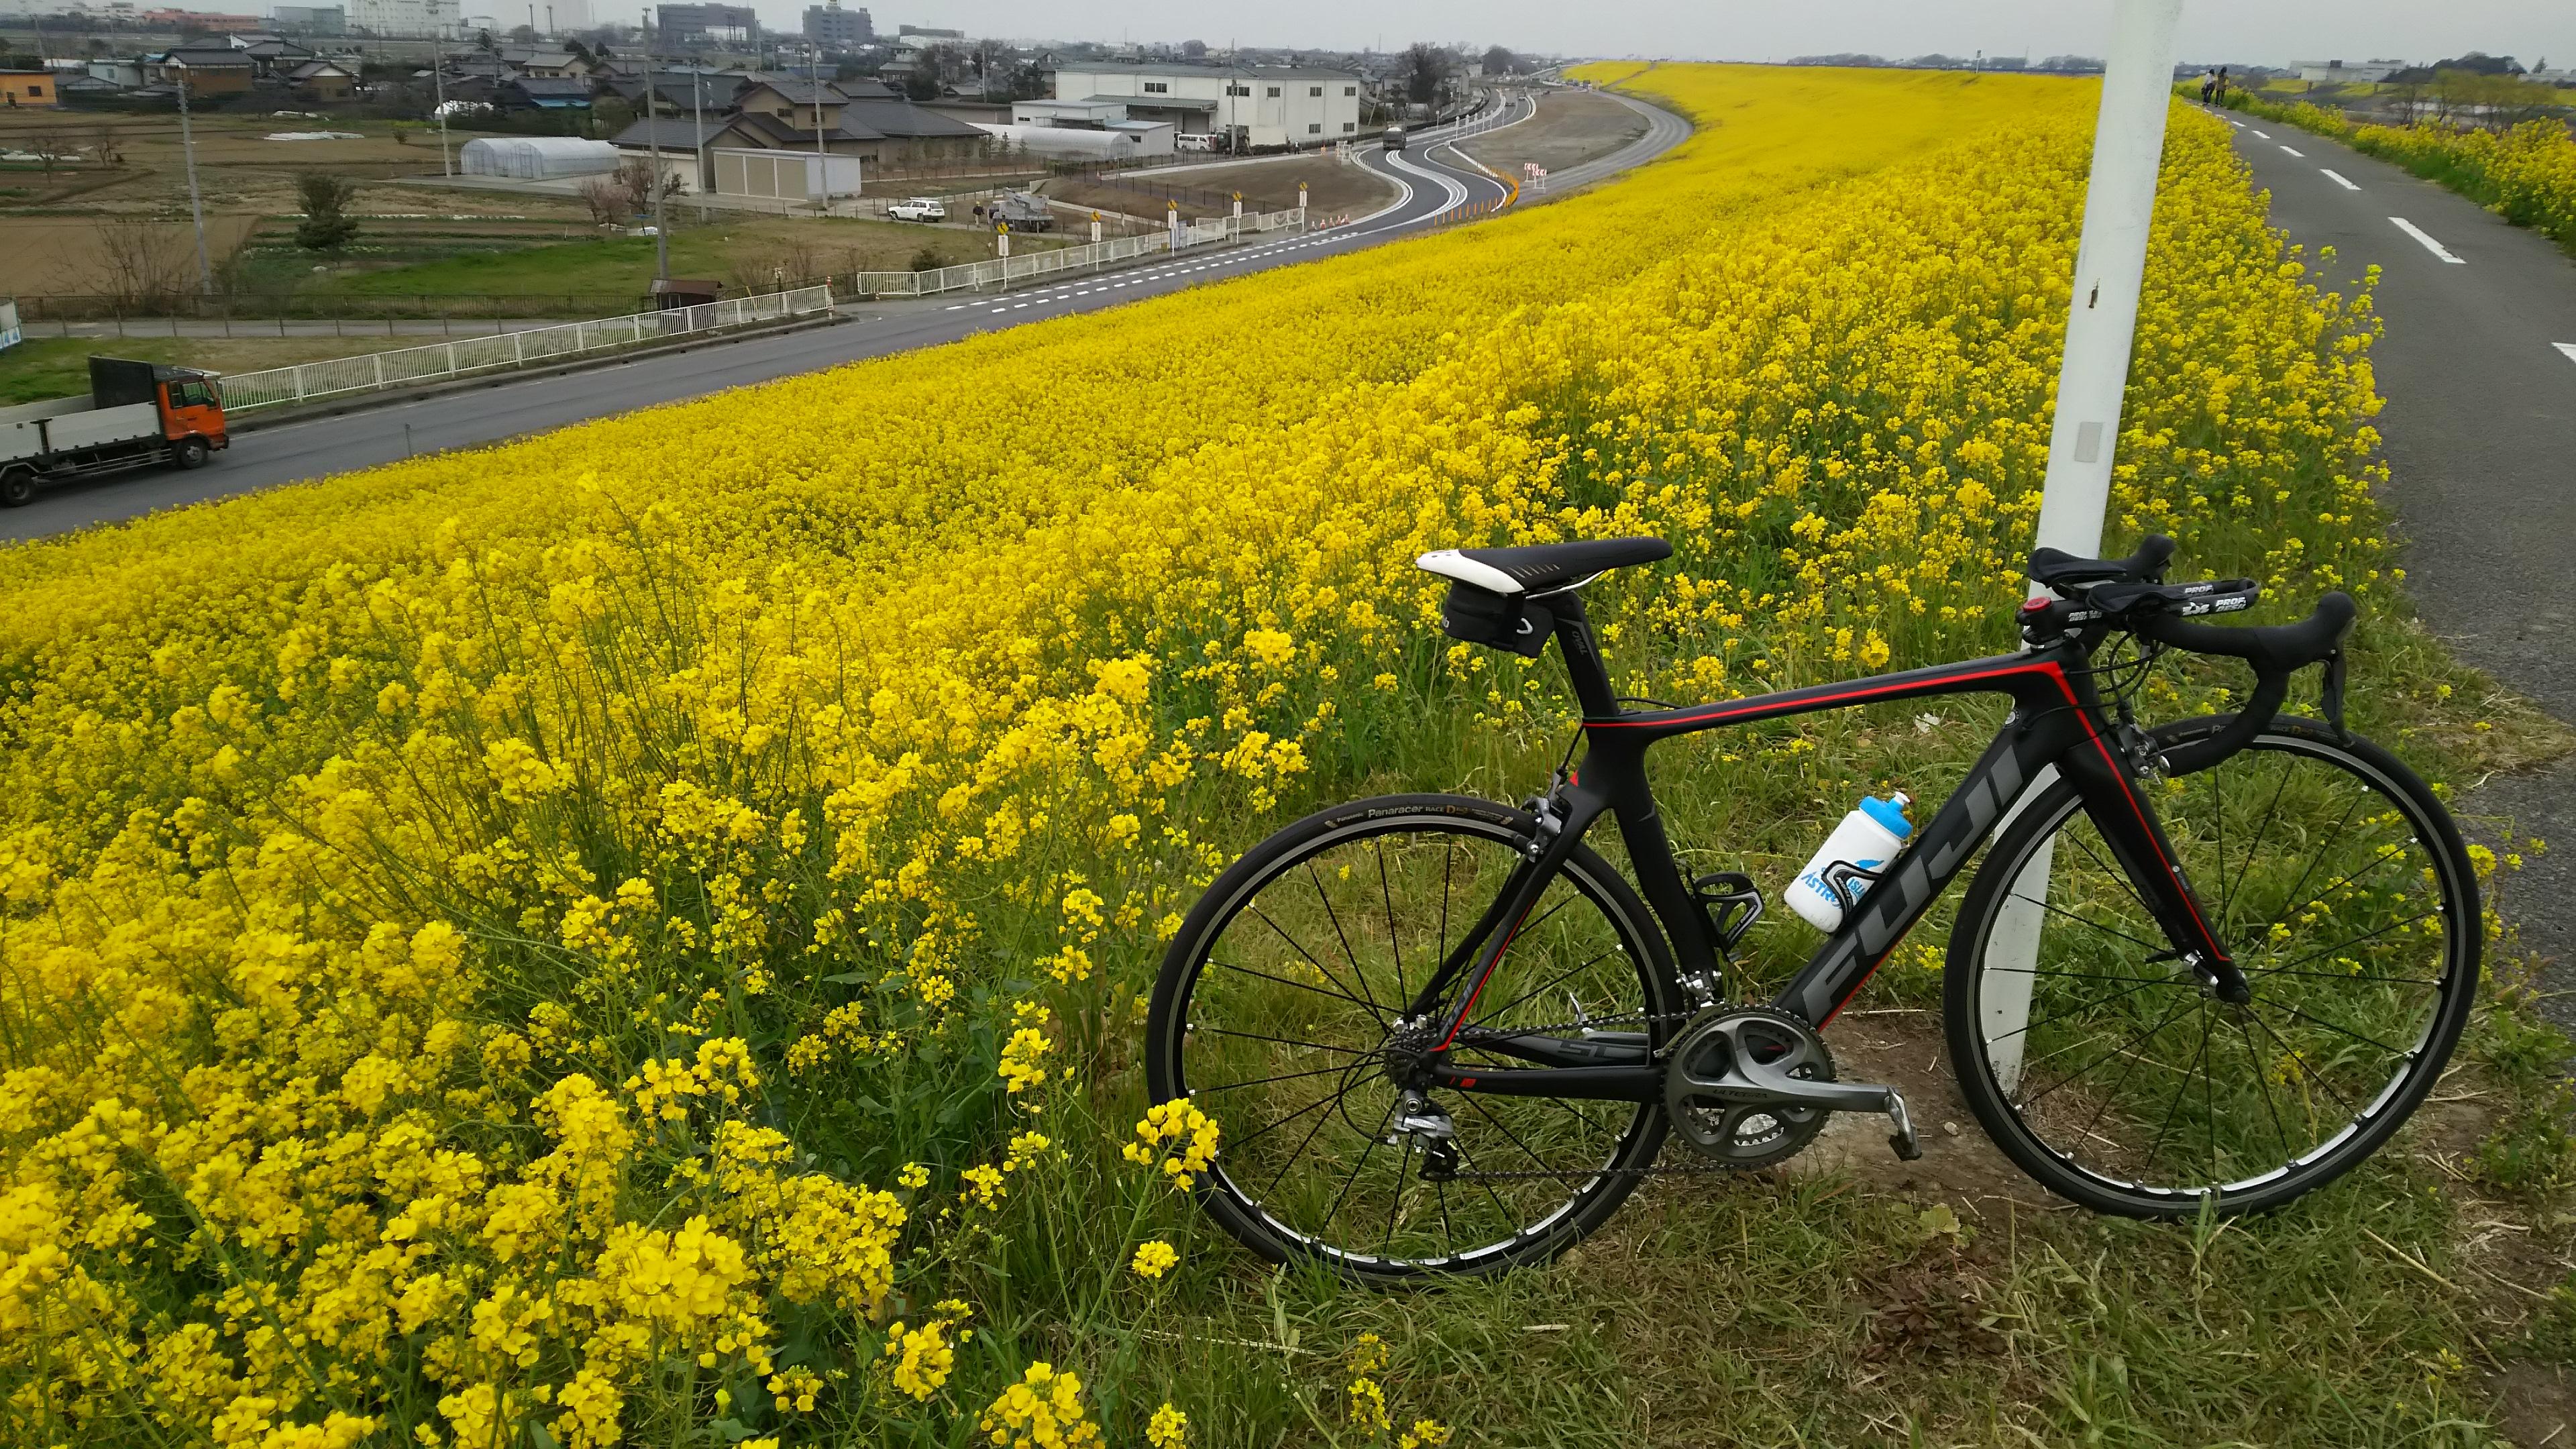 江戸川CR 菜の花ライド